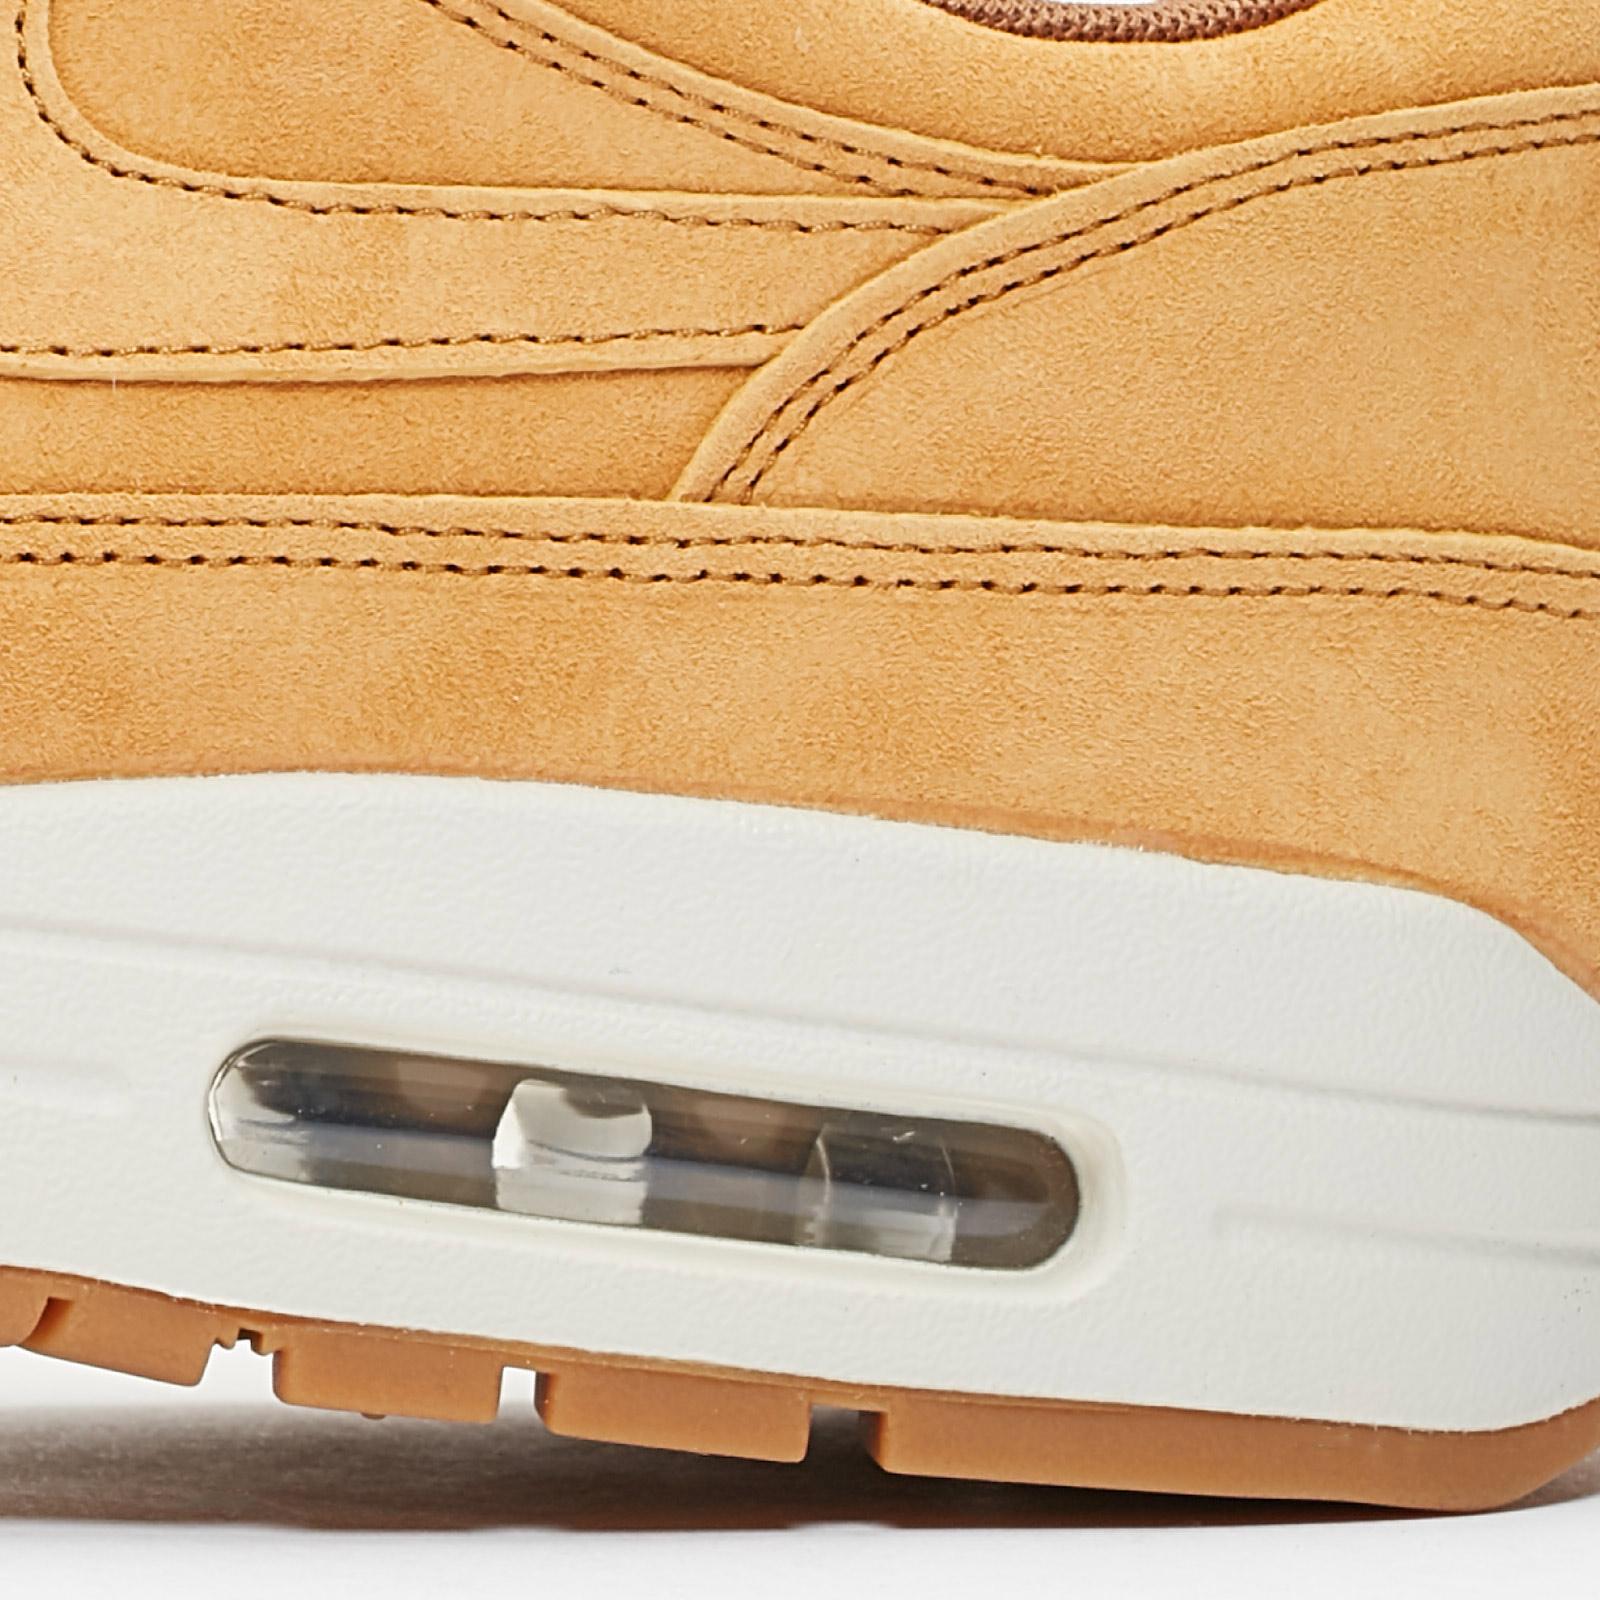 ea4bba7b2411 Nike Air Max 1 Premium - 875844-701 - Sneakersnstuff